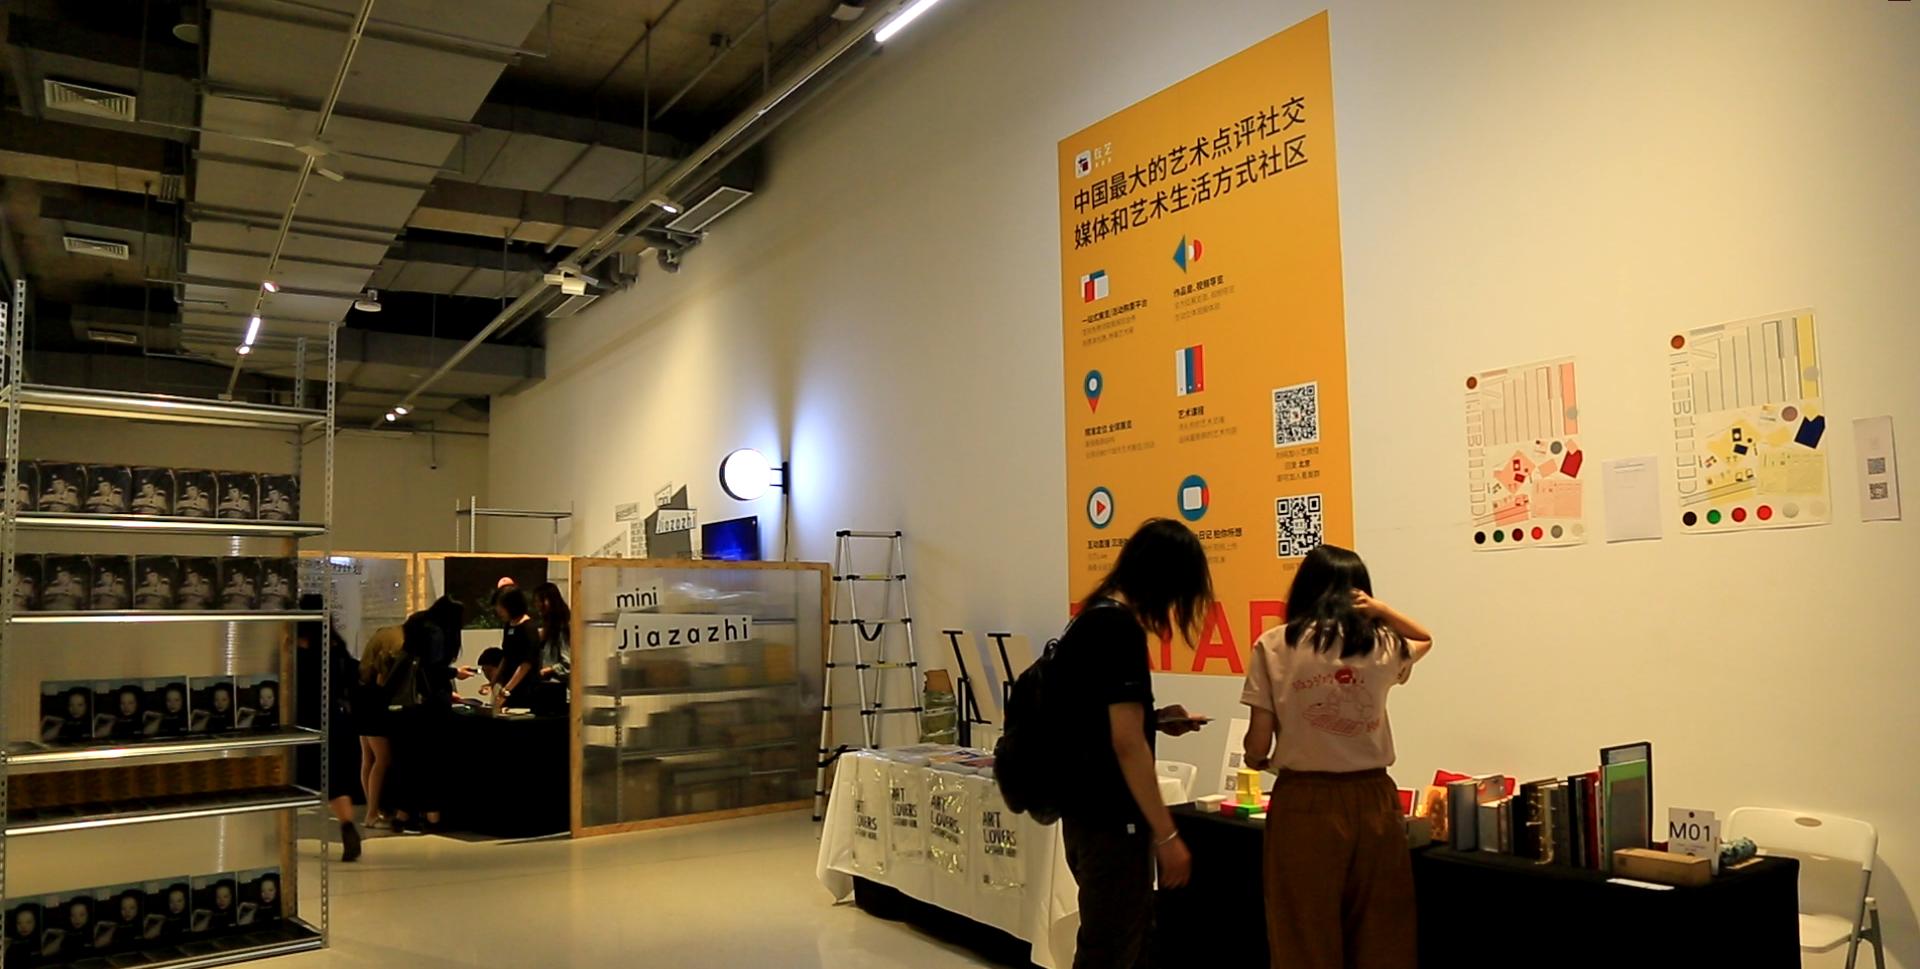 abC北京艺术书展|除了看书还能在书展做什么